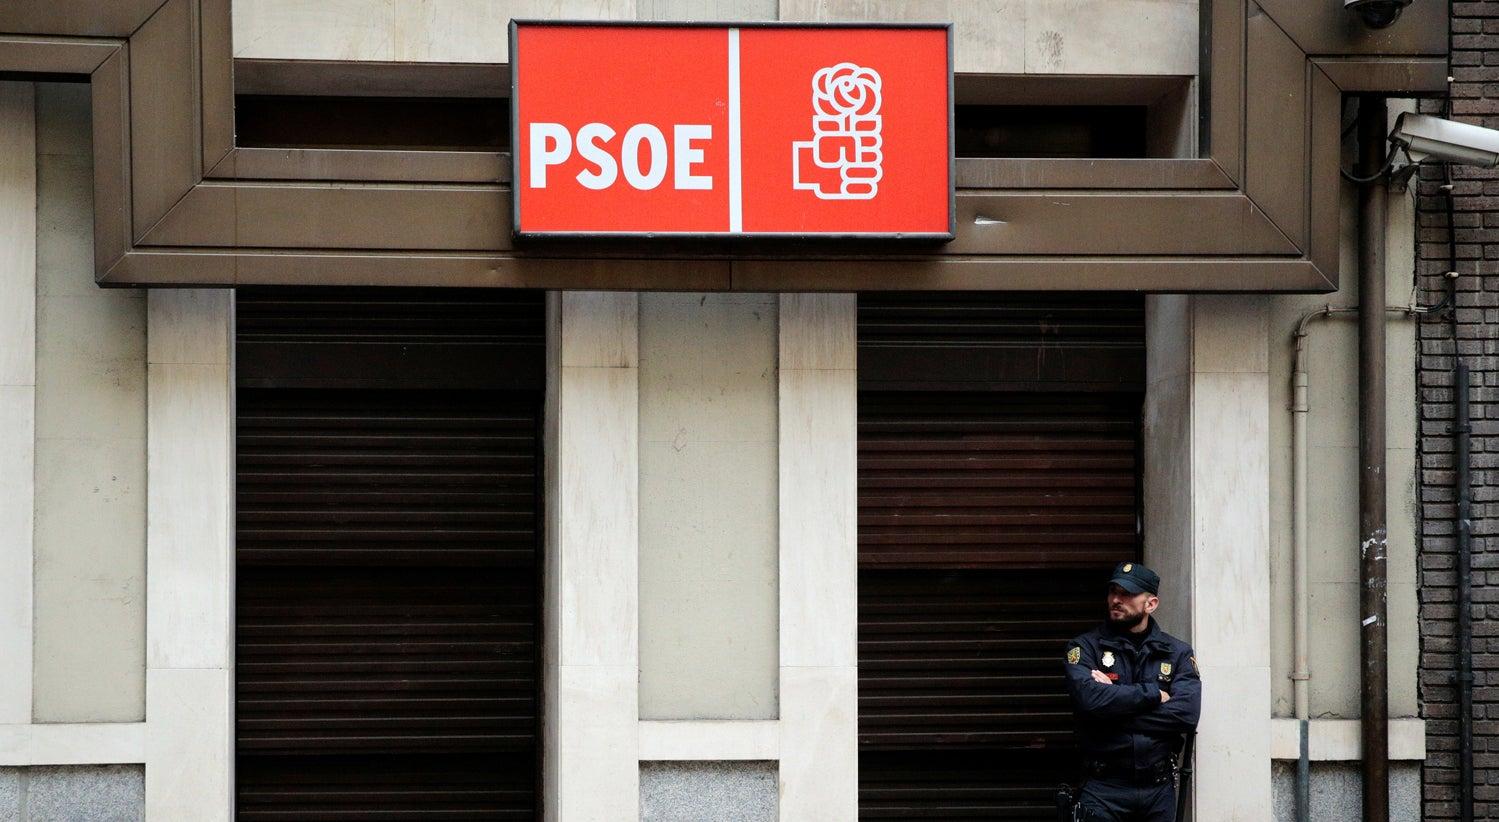 PSOE decide abster-se e viabiliza Governo de Rajoy